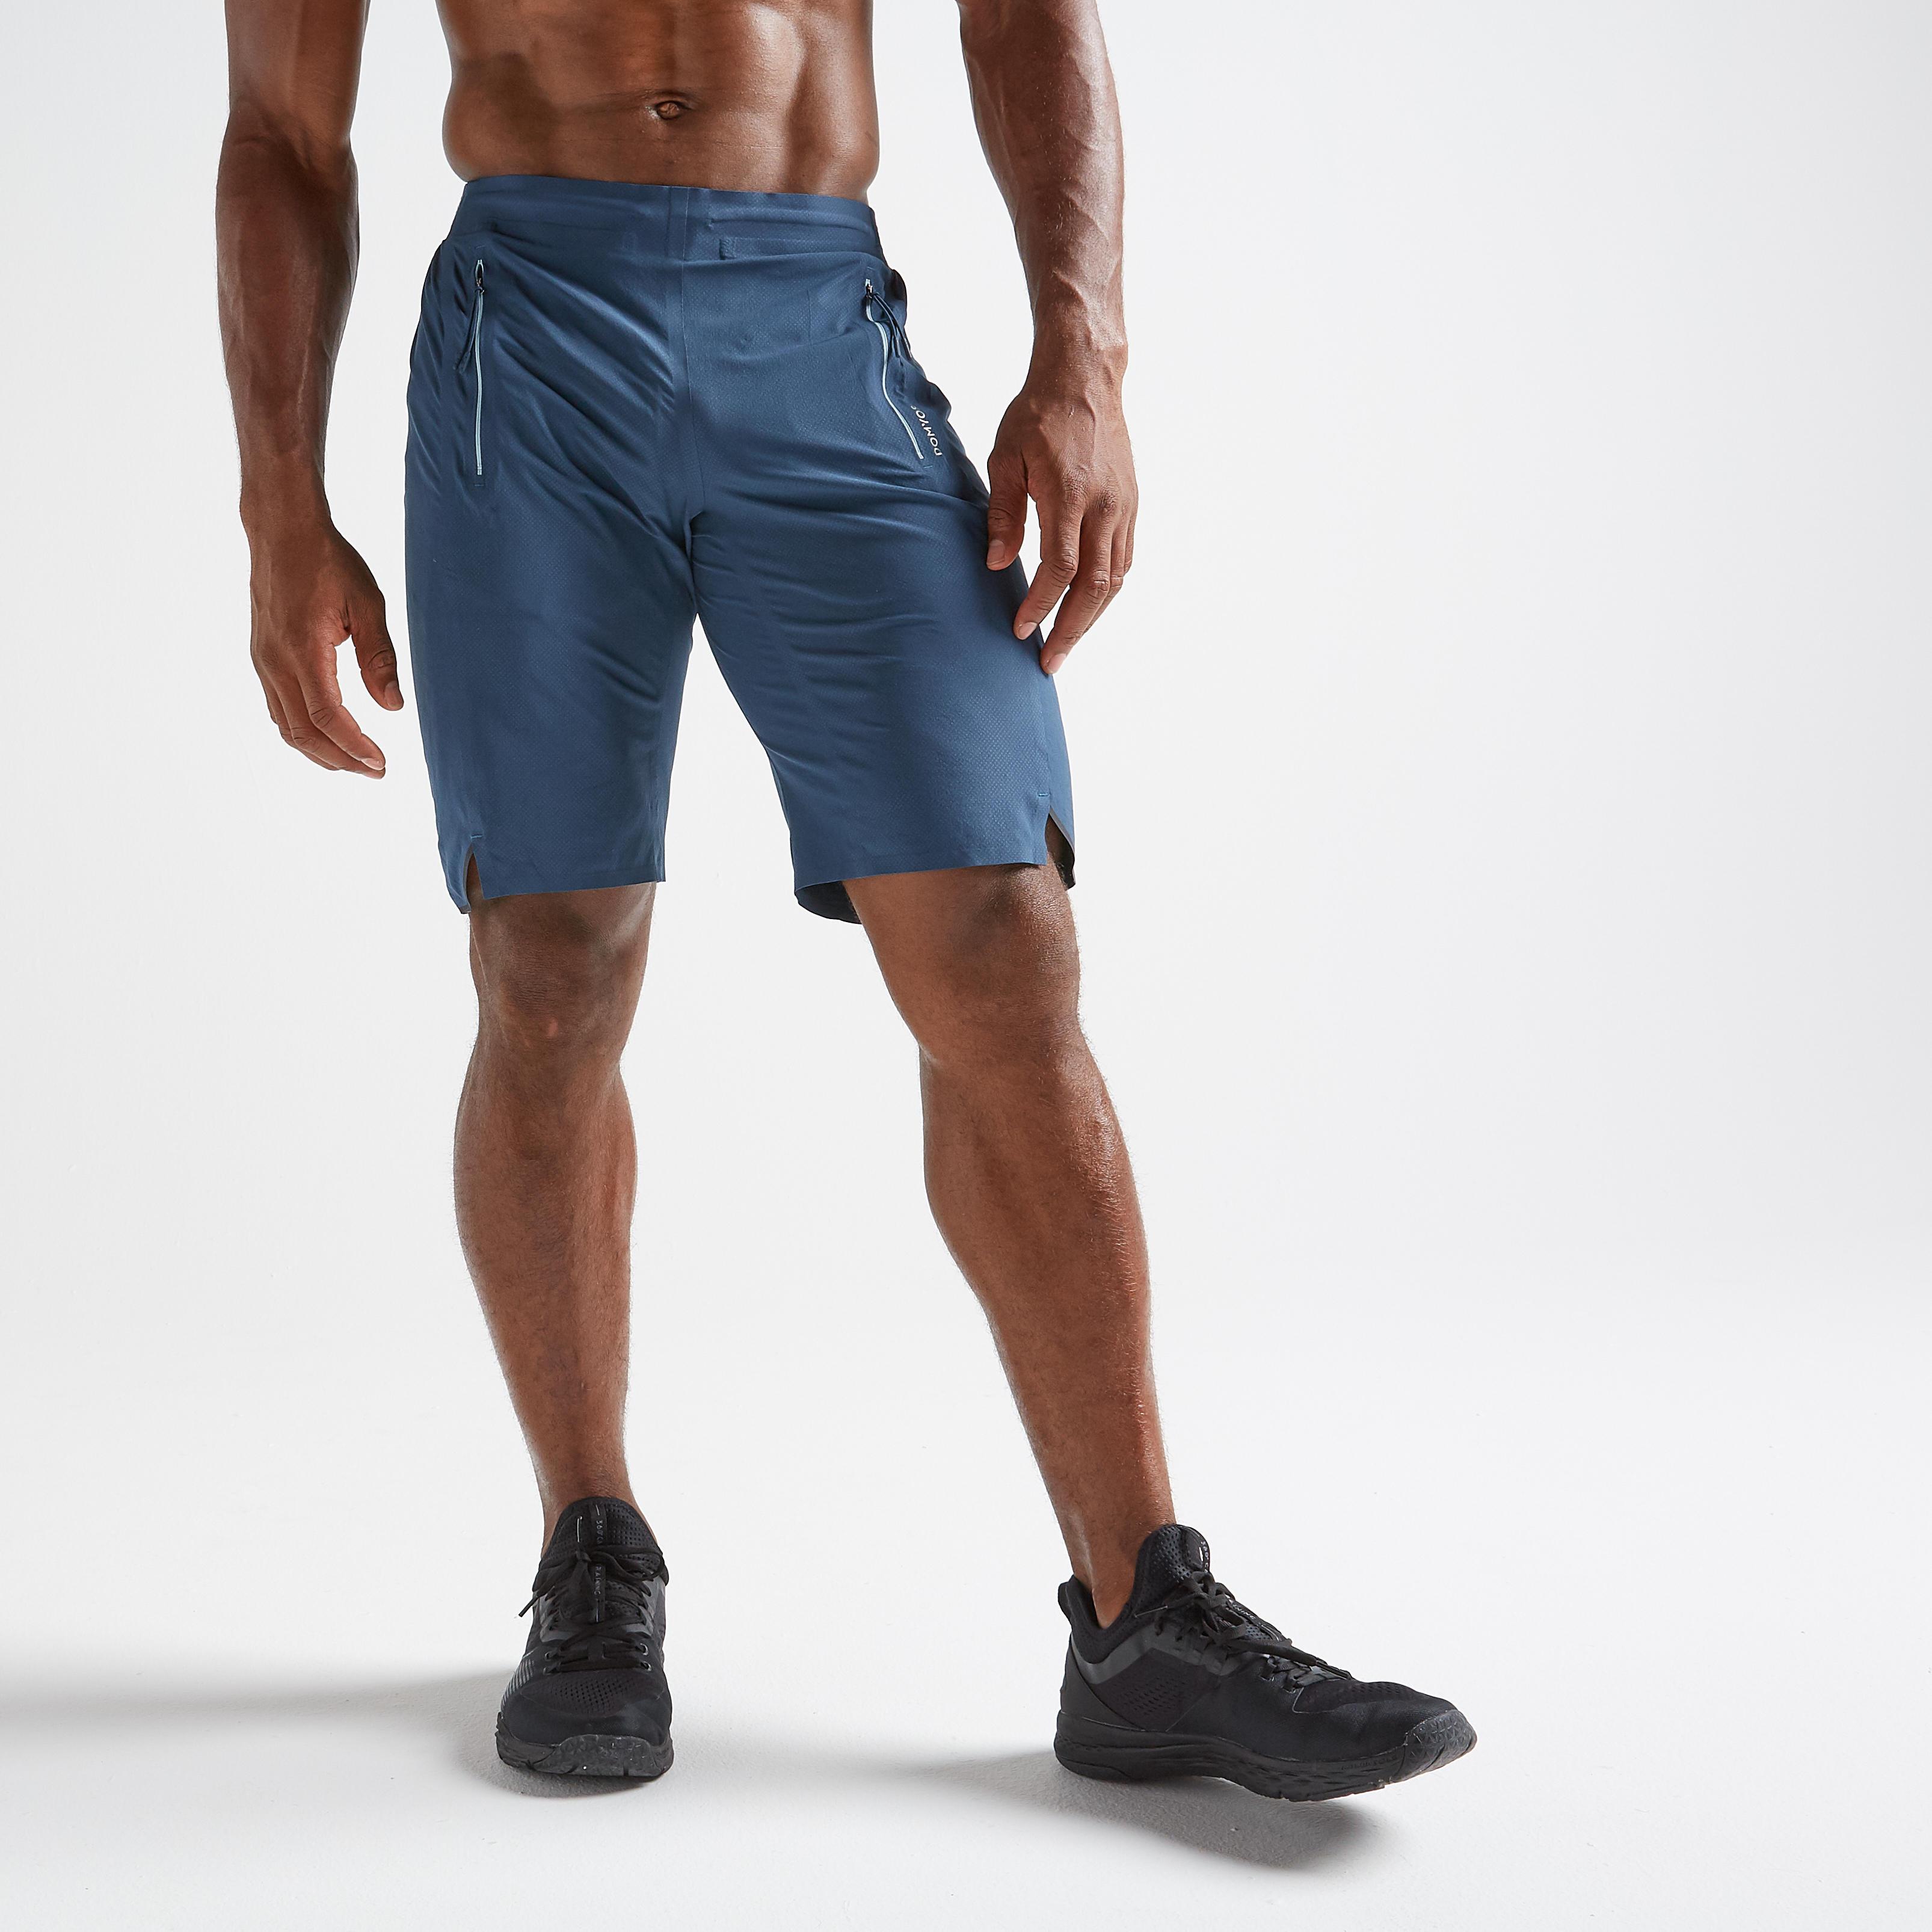 Șort Fitness 900 Bărbaţi la Reducere poza